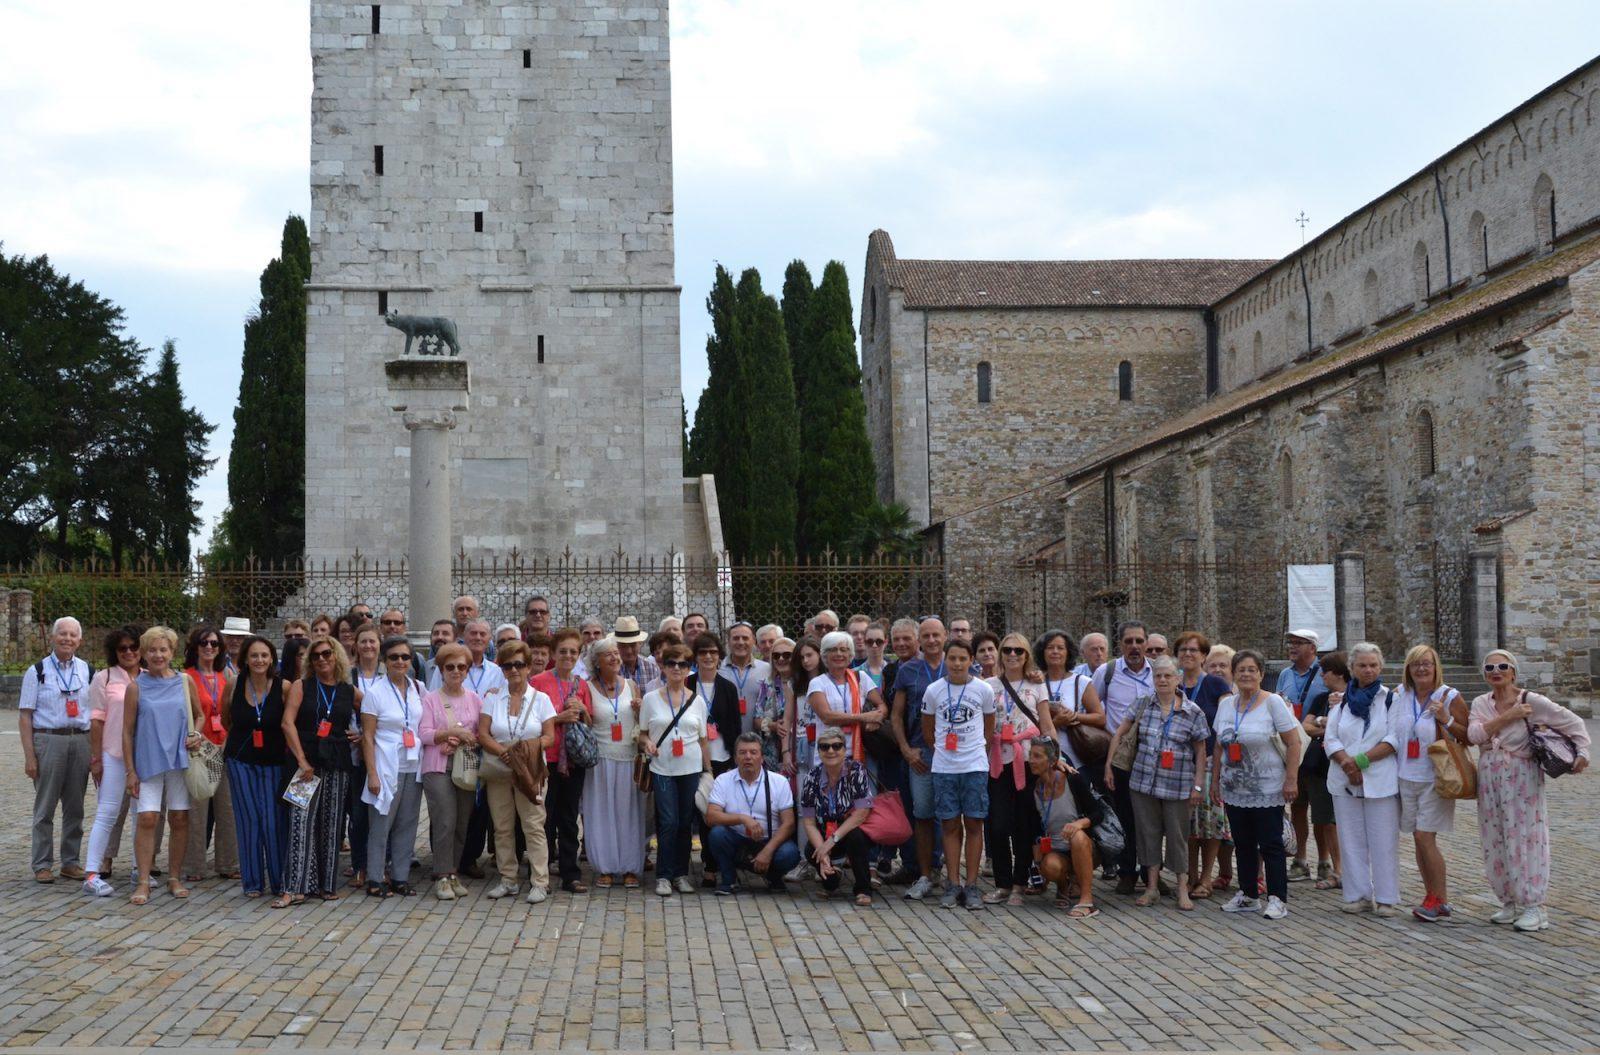 Foto di gruppo presso la basilica di Aquileia